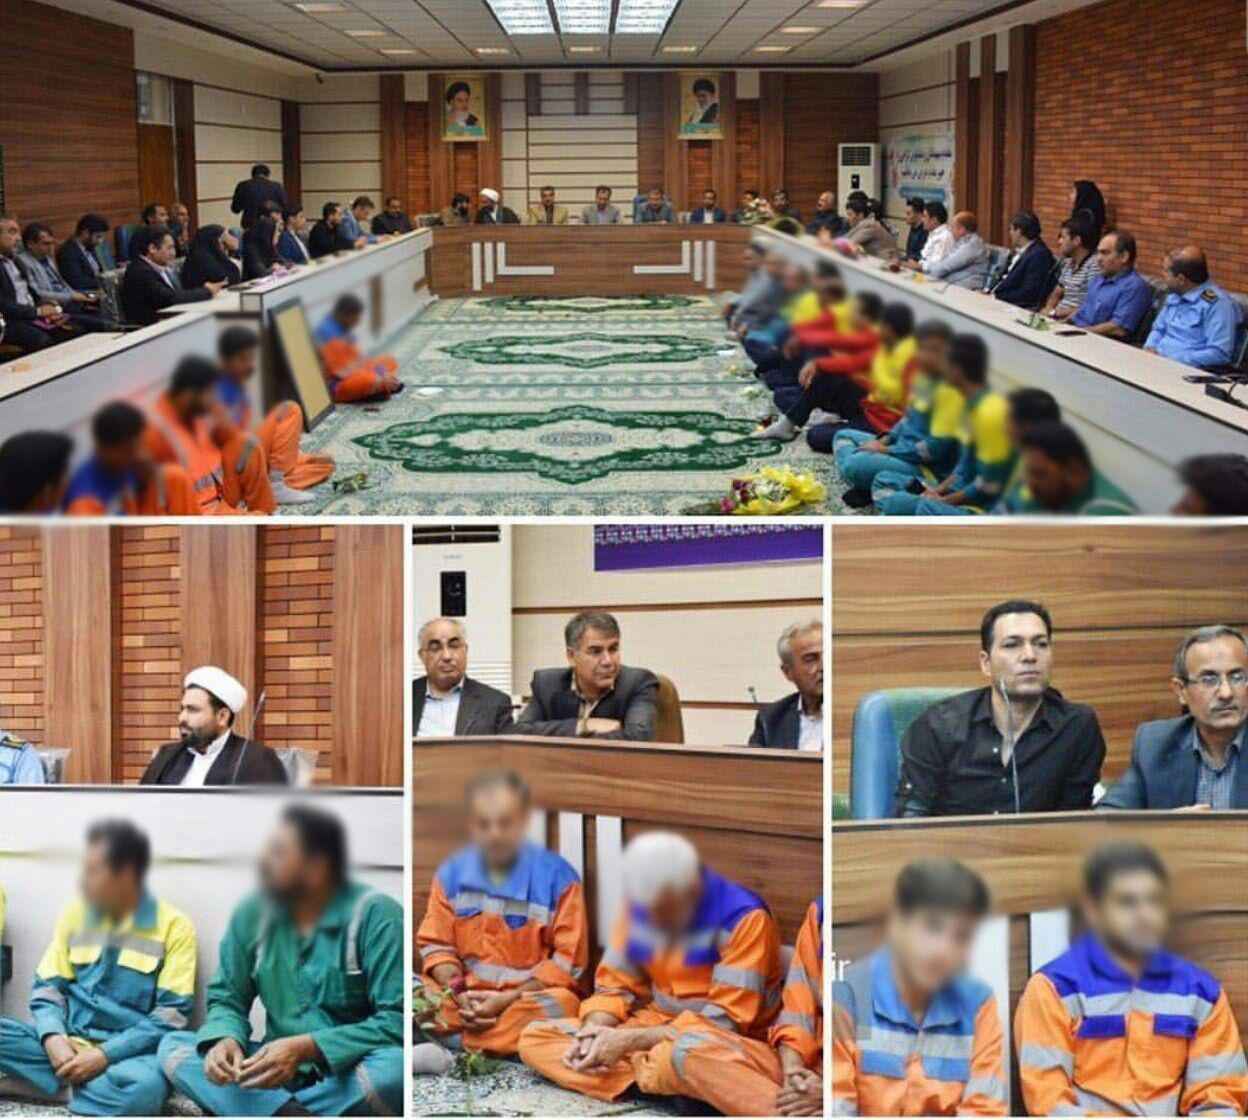 عکس| حرکت زننده و تحقیرآمیز شهرداری برازجان با «پاکبانان» - 2